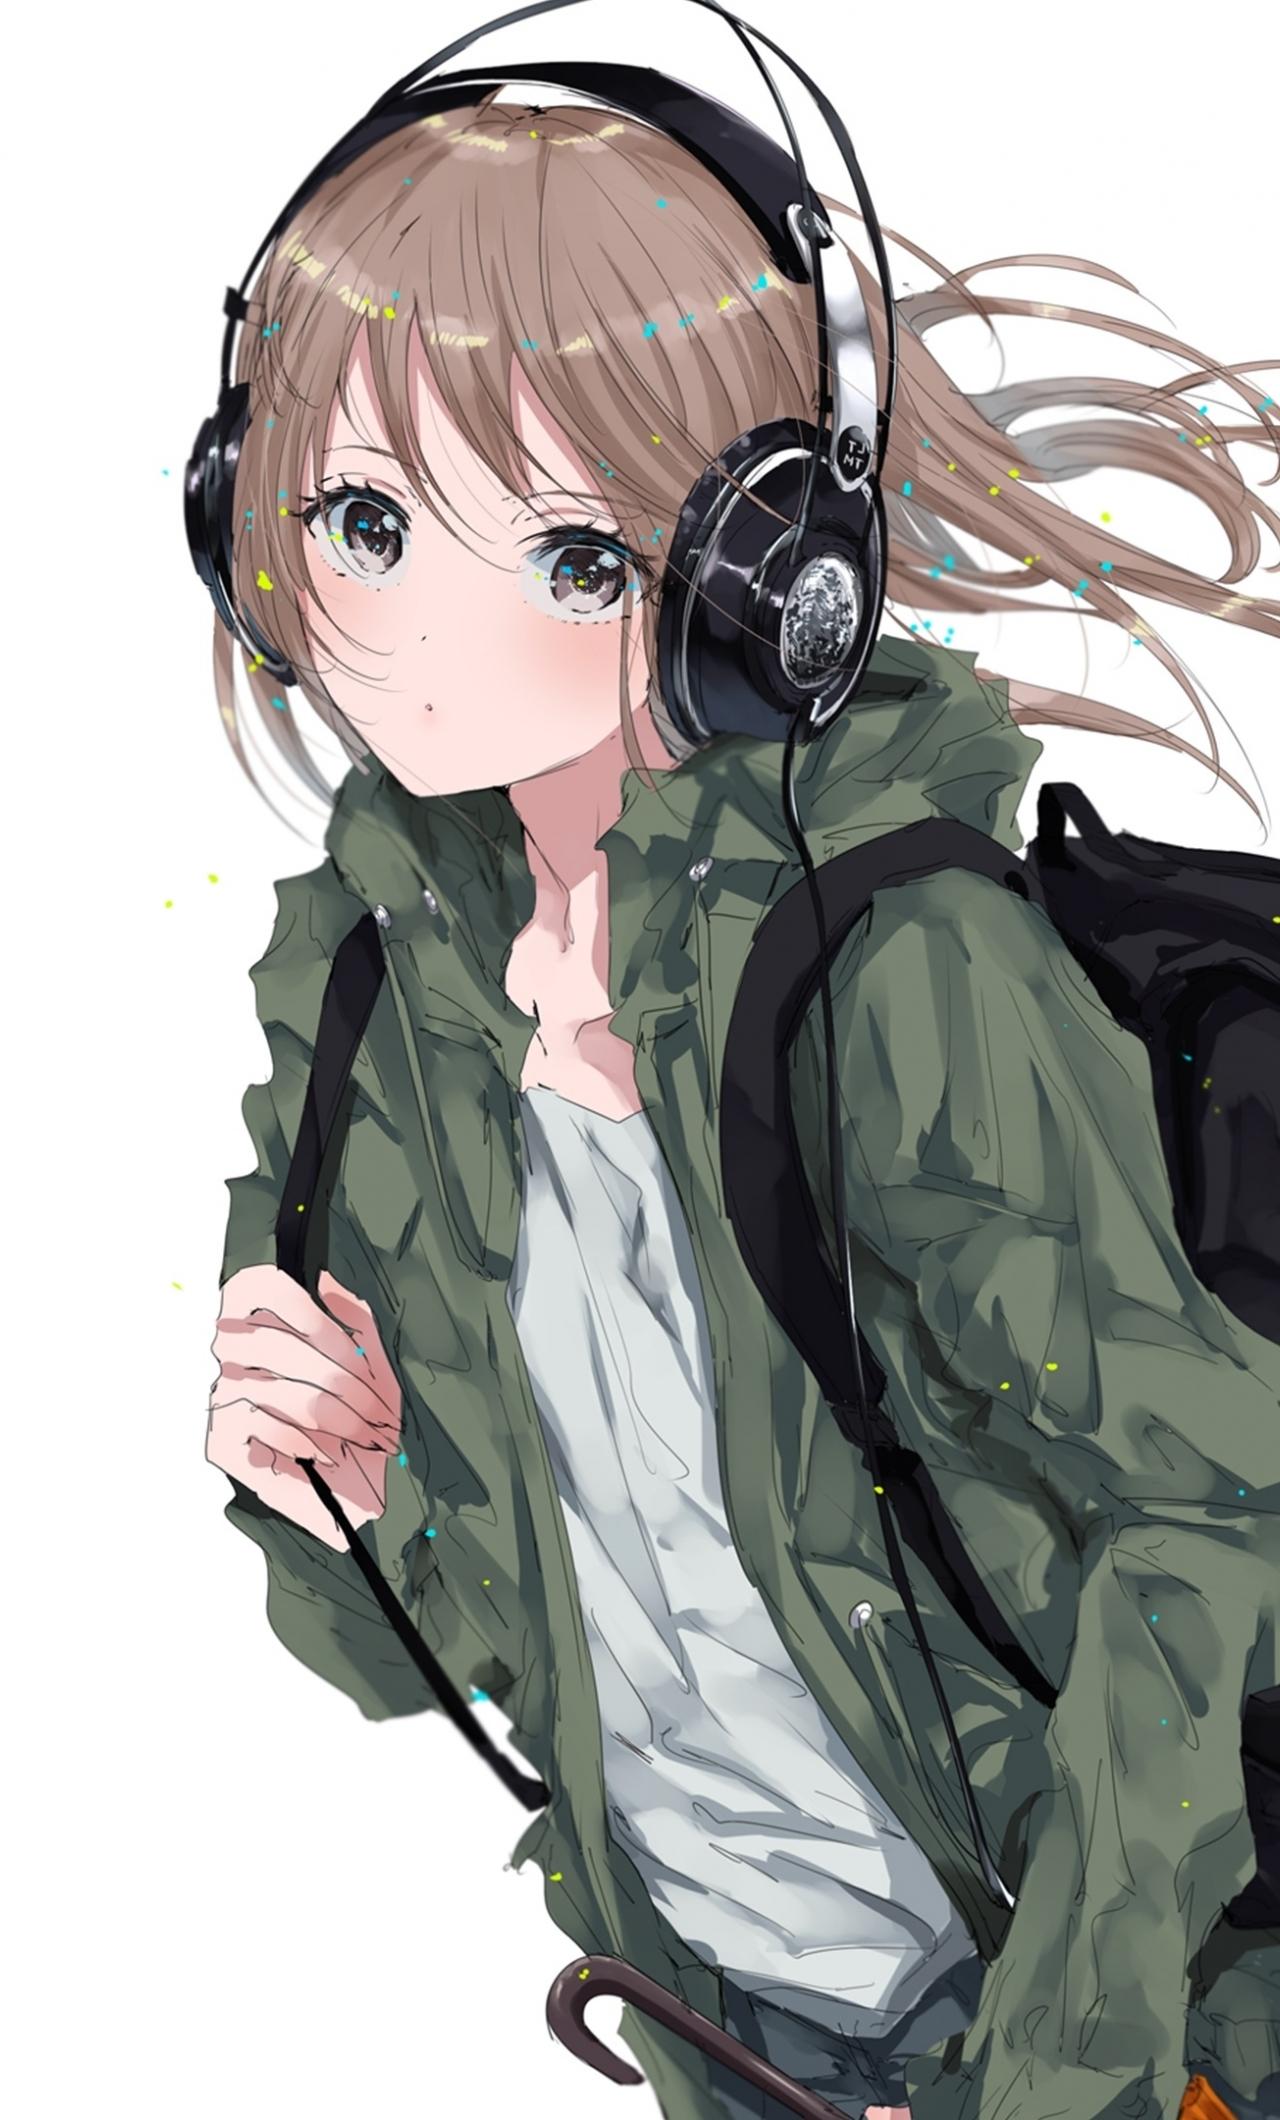 Download 1280x2120 Wallpaper Original Anime Girl Bag Headphone